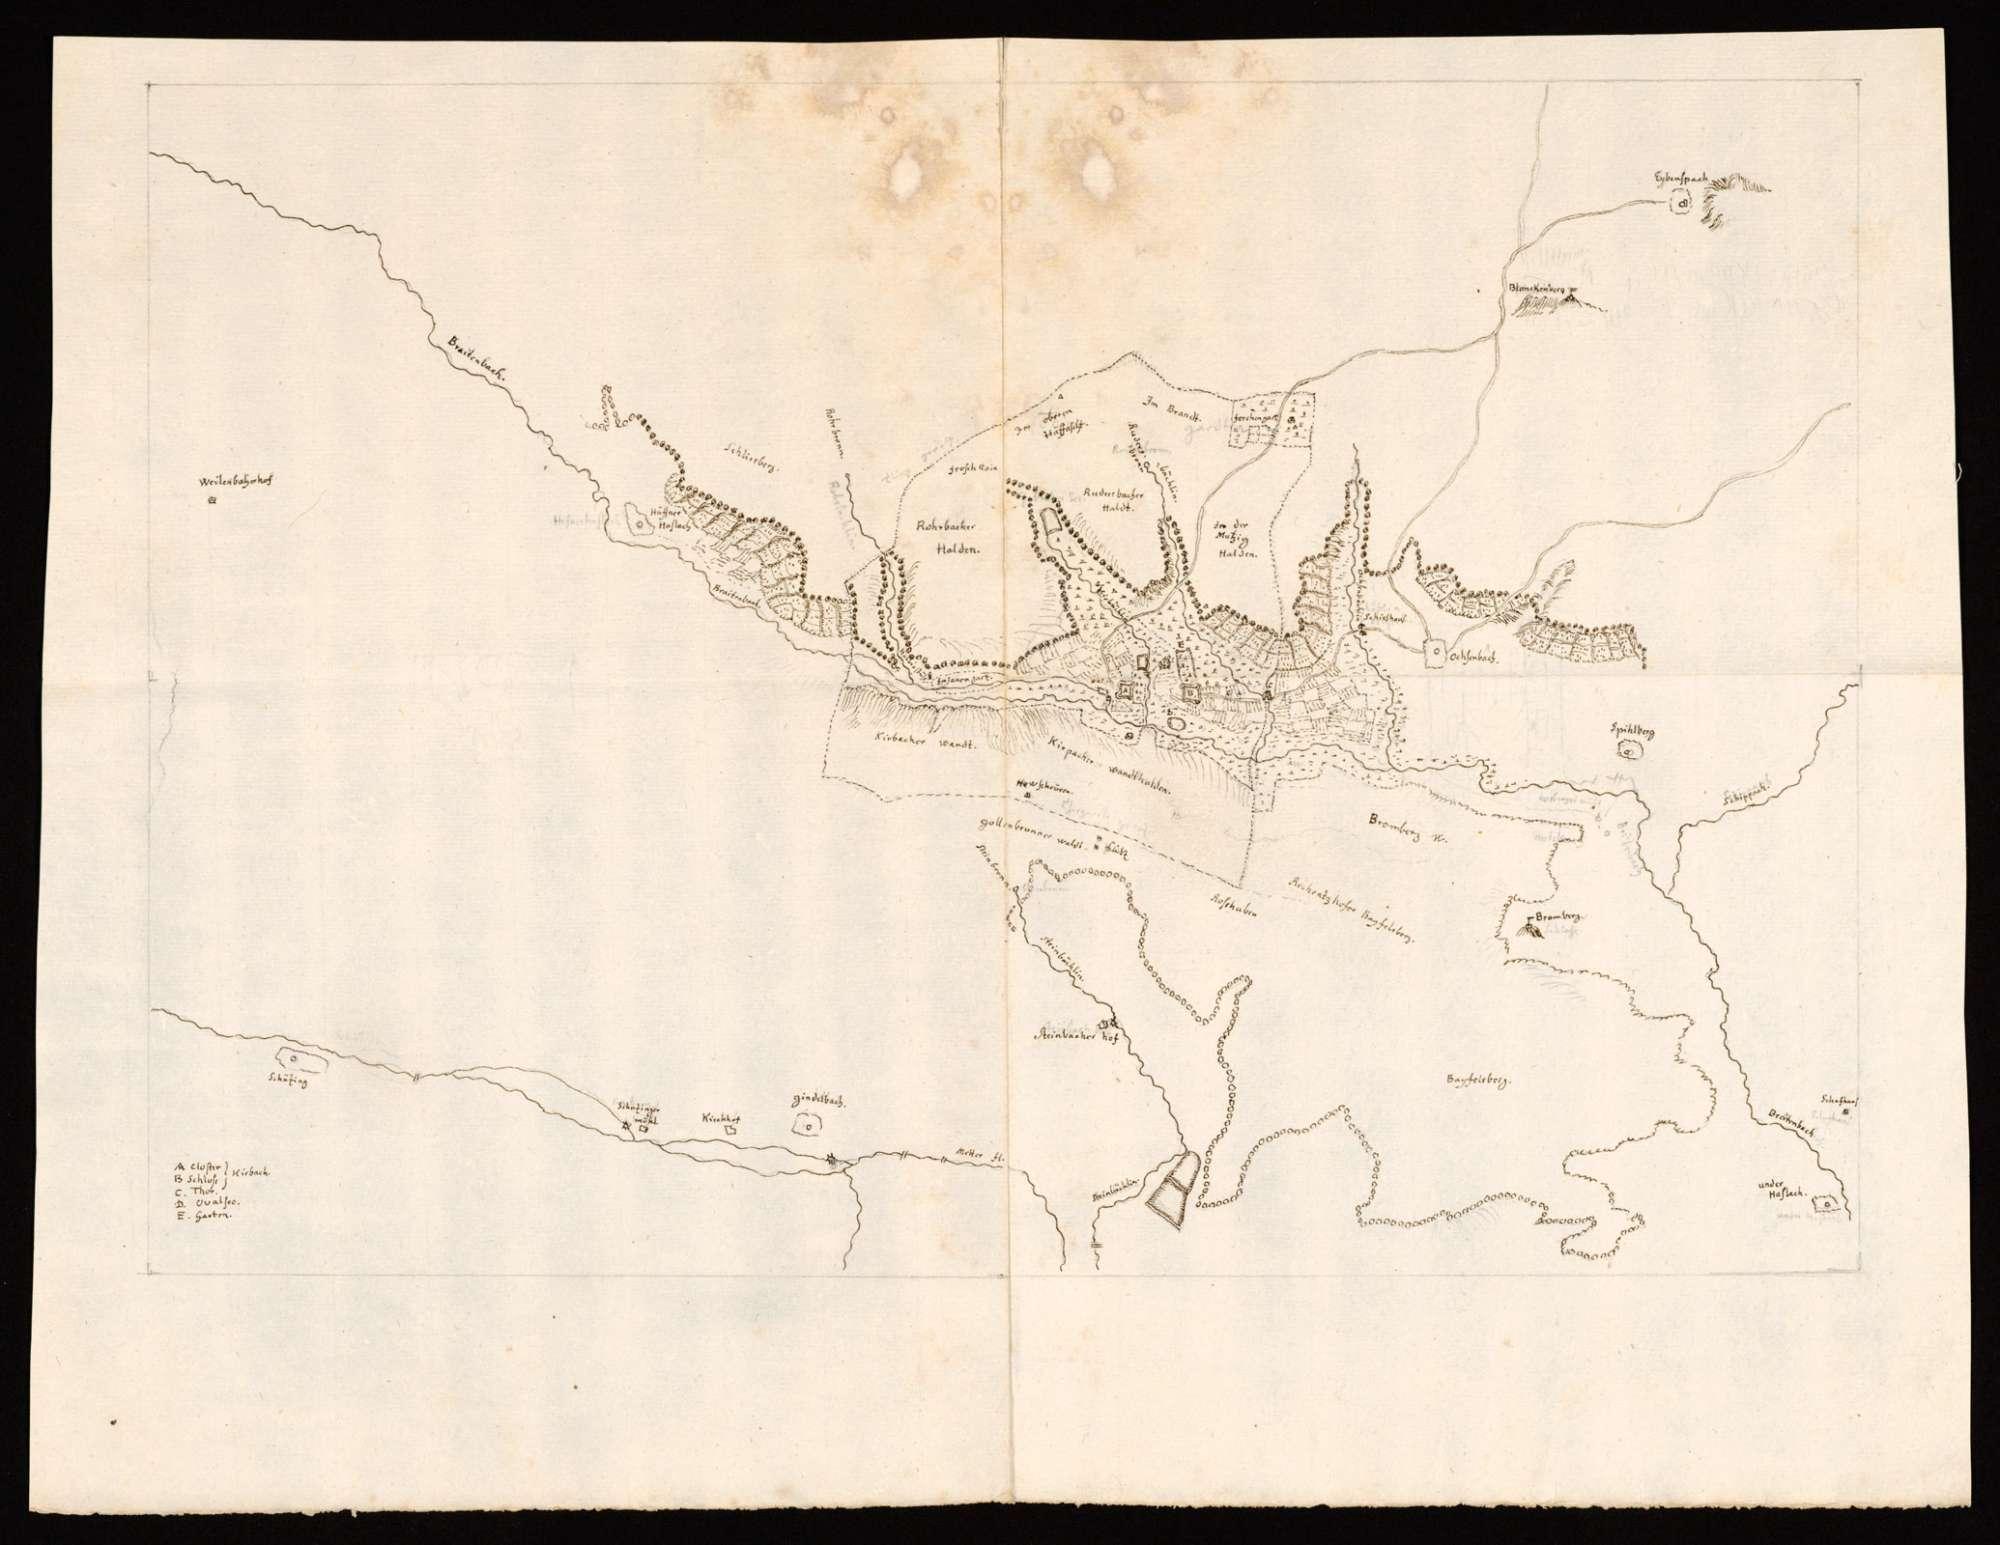 """[Karte des Kirbachtales von Häfnerhaslach bis Spielberg] """"Die Gegend um Kirbach"""" [Rückseitentitel von späterer Hand], Bild 1"""